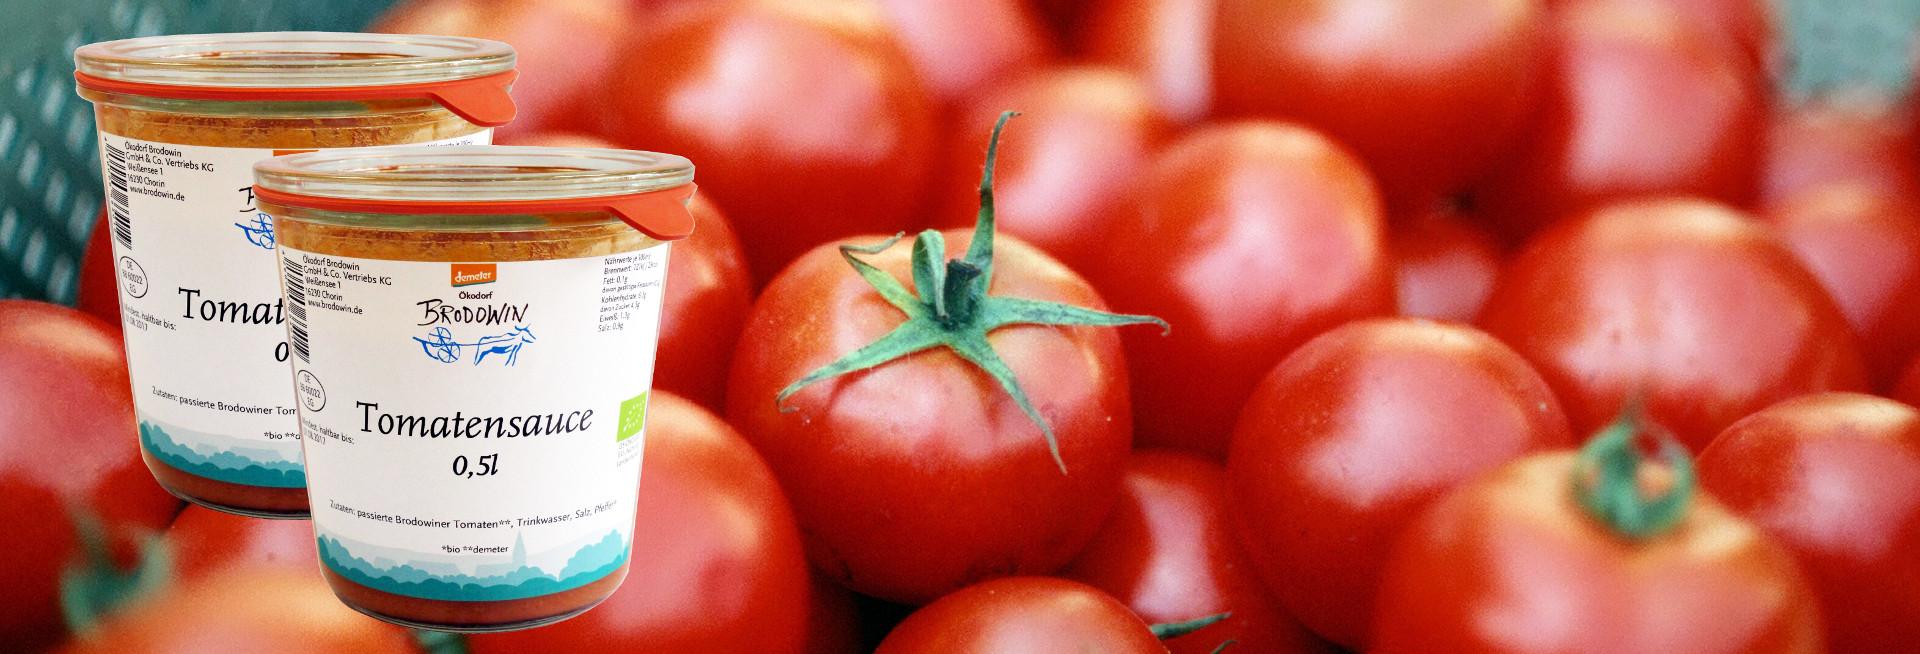 Tomatensauce Titel